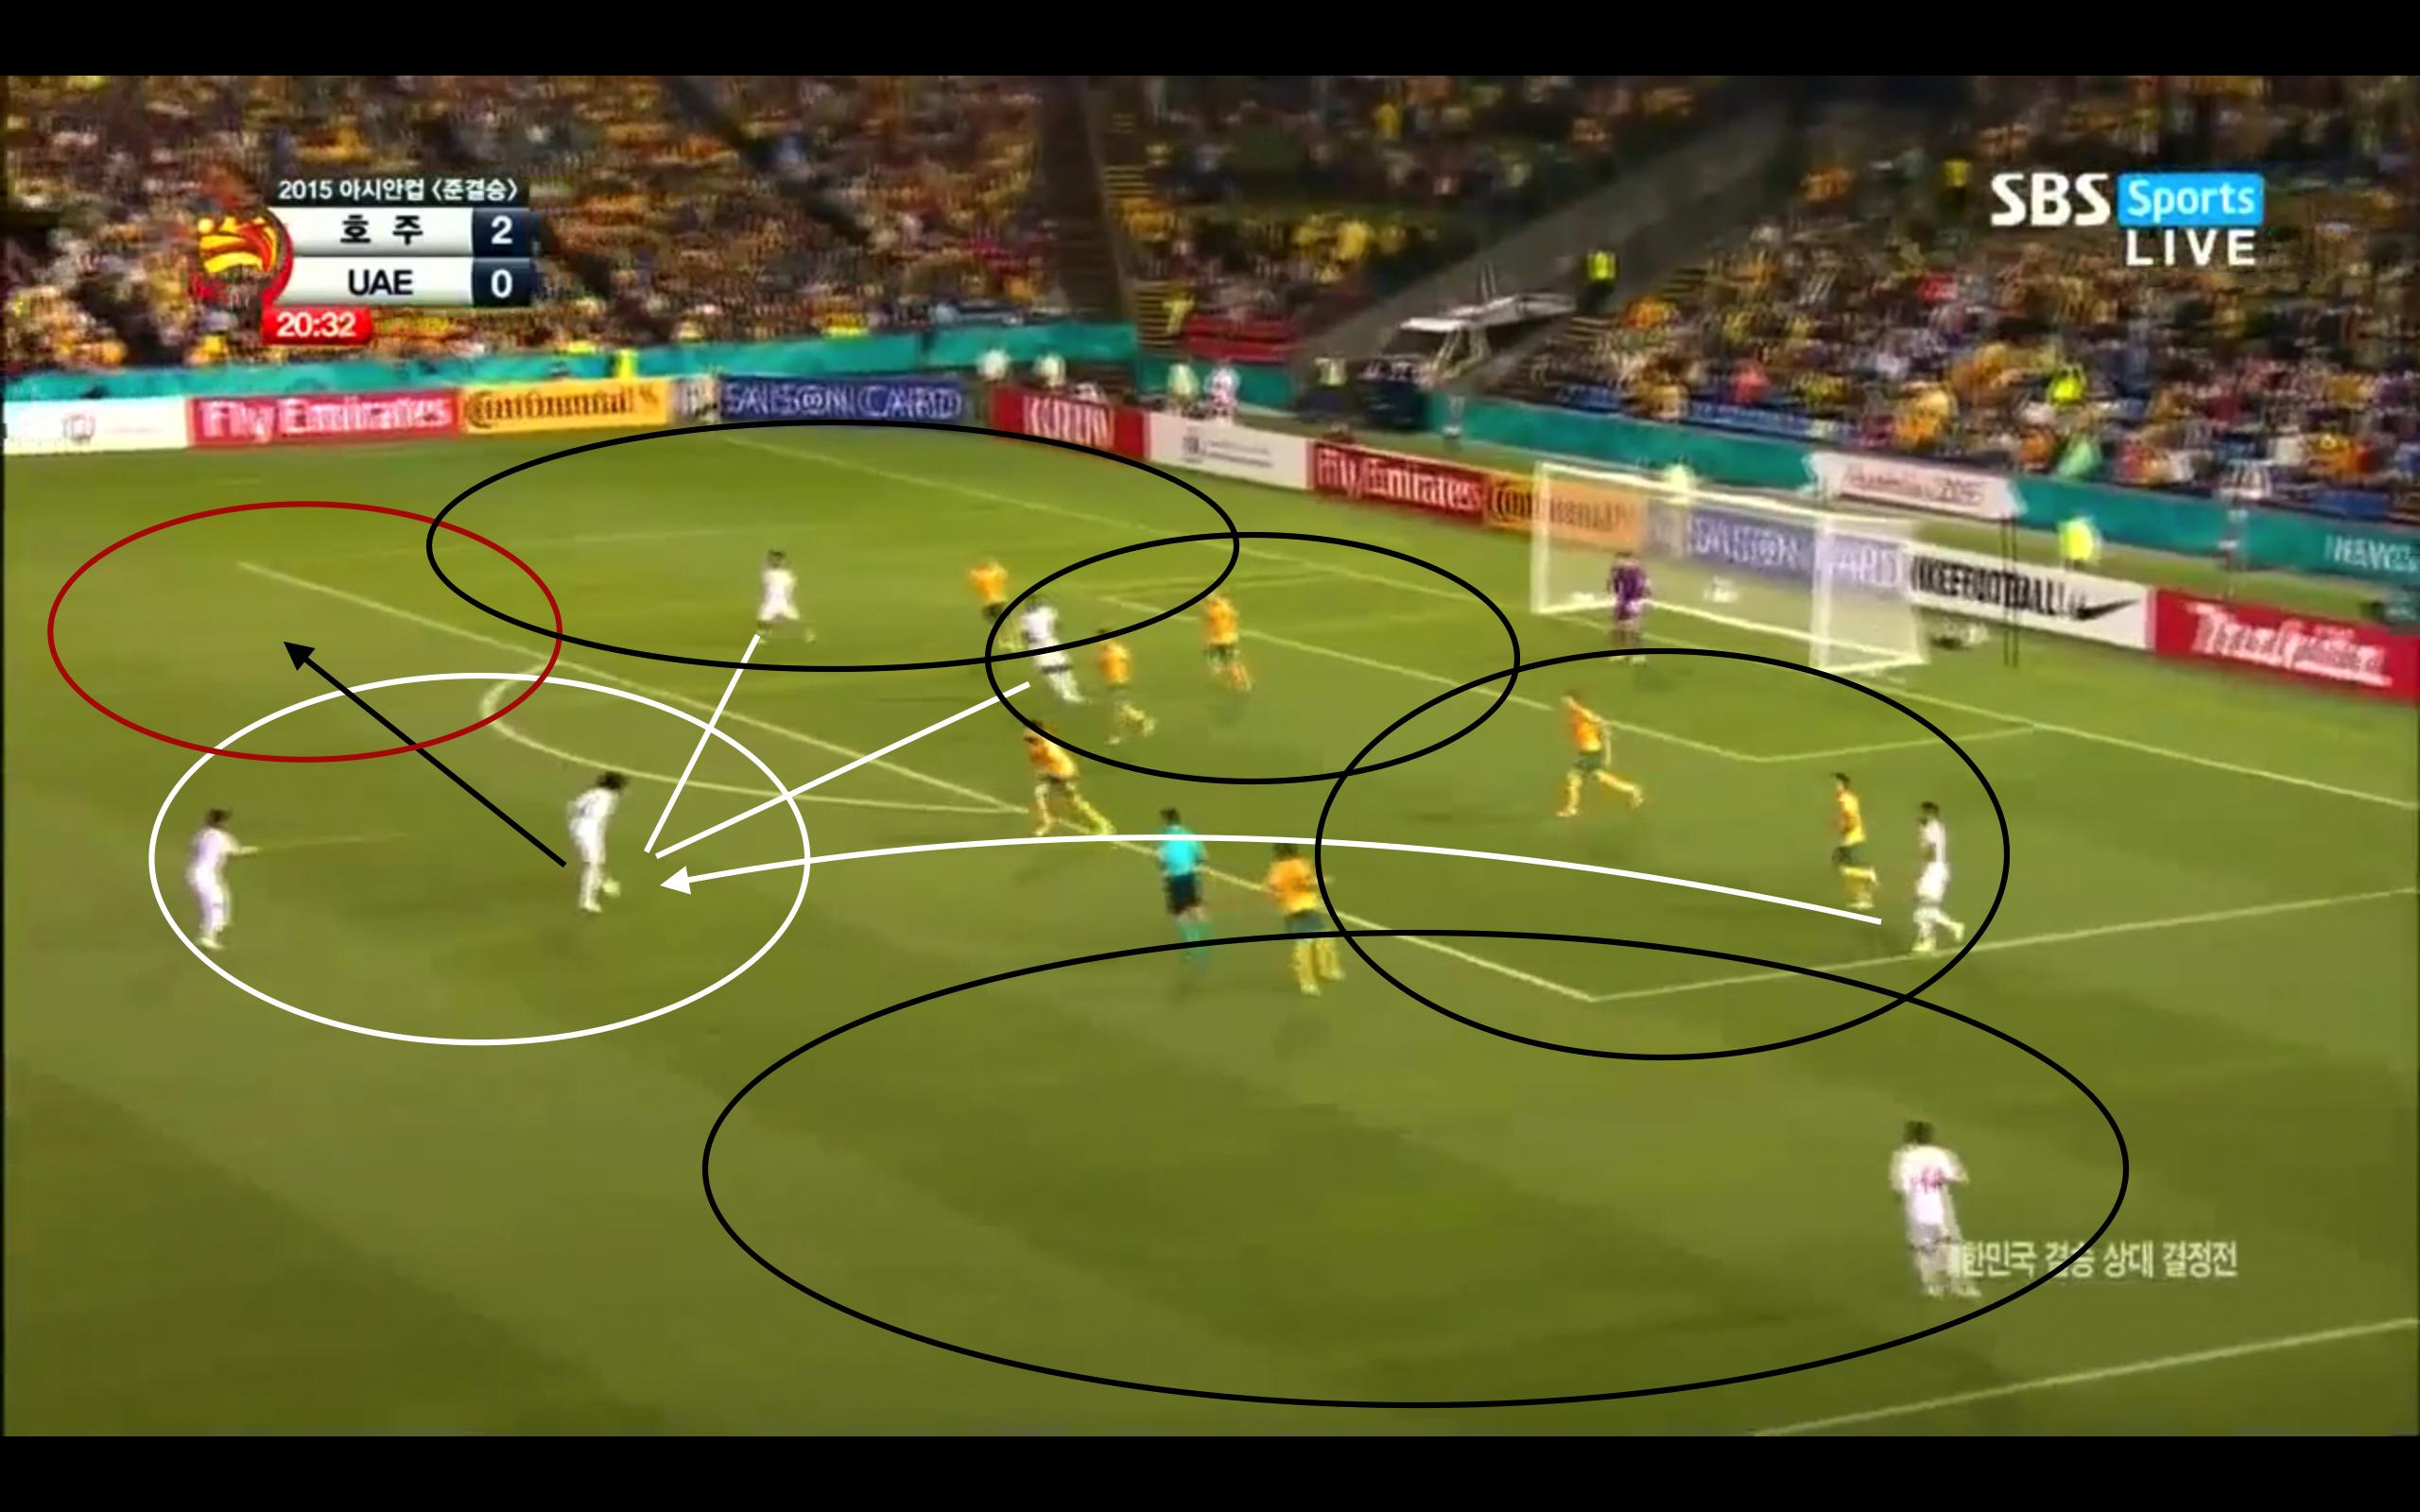 Mabkhout spielt einen Pass zurück an den Sechzehner zum Sechser. Dieser bewegt sich zum Ball, doch Abdulrahman läuft in den Passweg anstatt sich in den roten Raum zu bewegen. Wenn er im roten Raum geblieben wäre, hätte man den Angriff variabler zu Ende spielen können. Dadurch dass er sich in den Passweg bewegt, entstehen weniger Winkel und der Angriff wird leichter zu verteidigen.